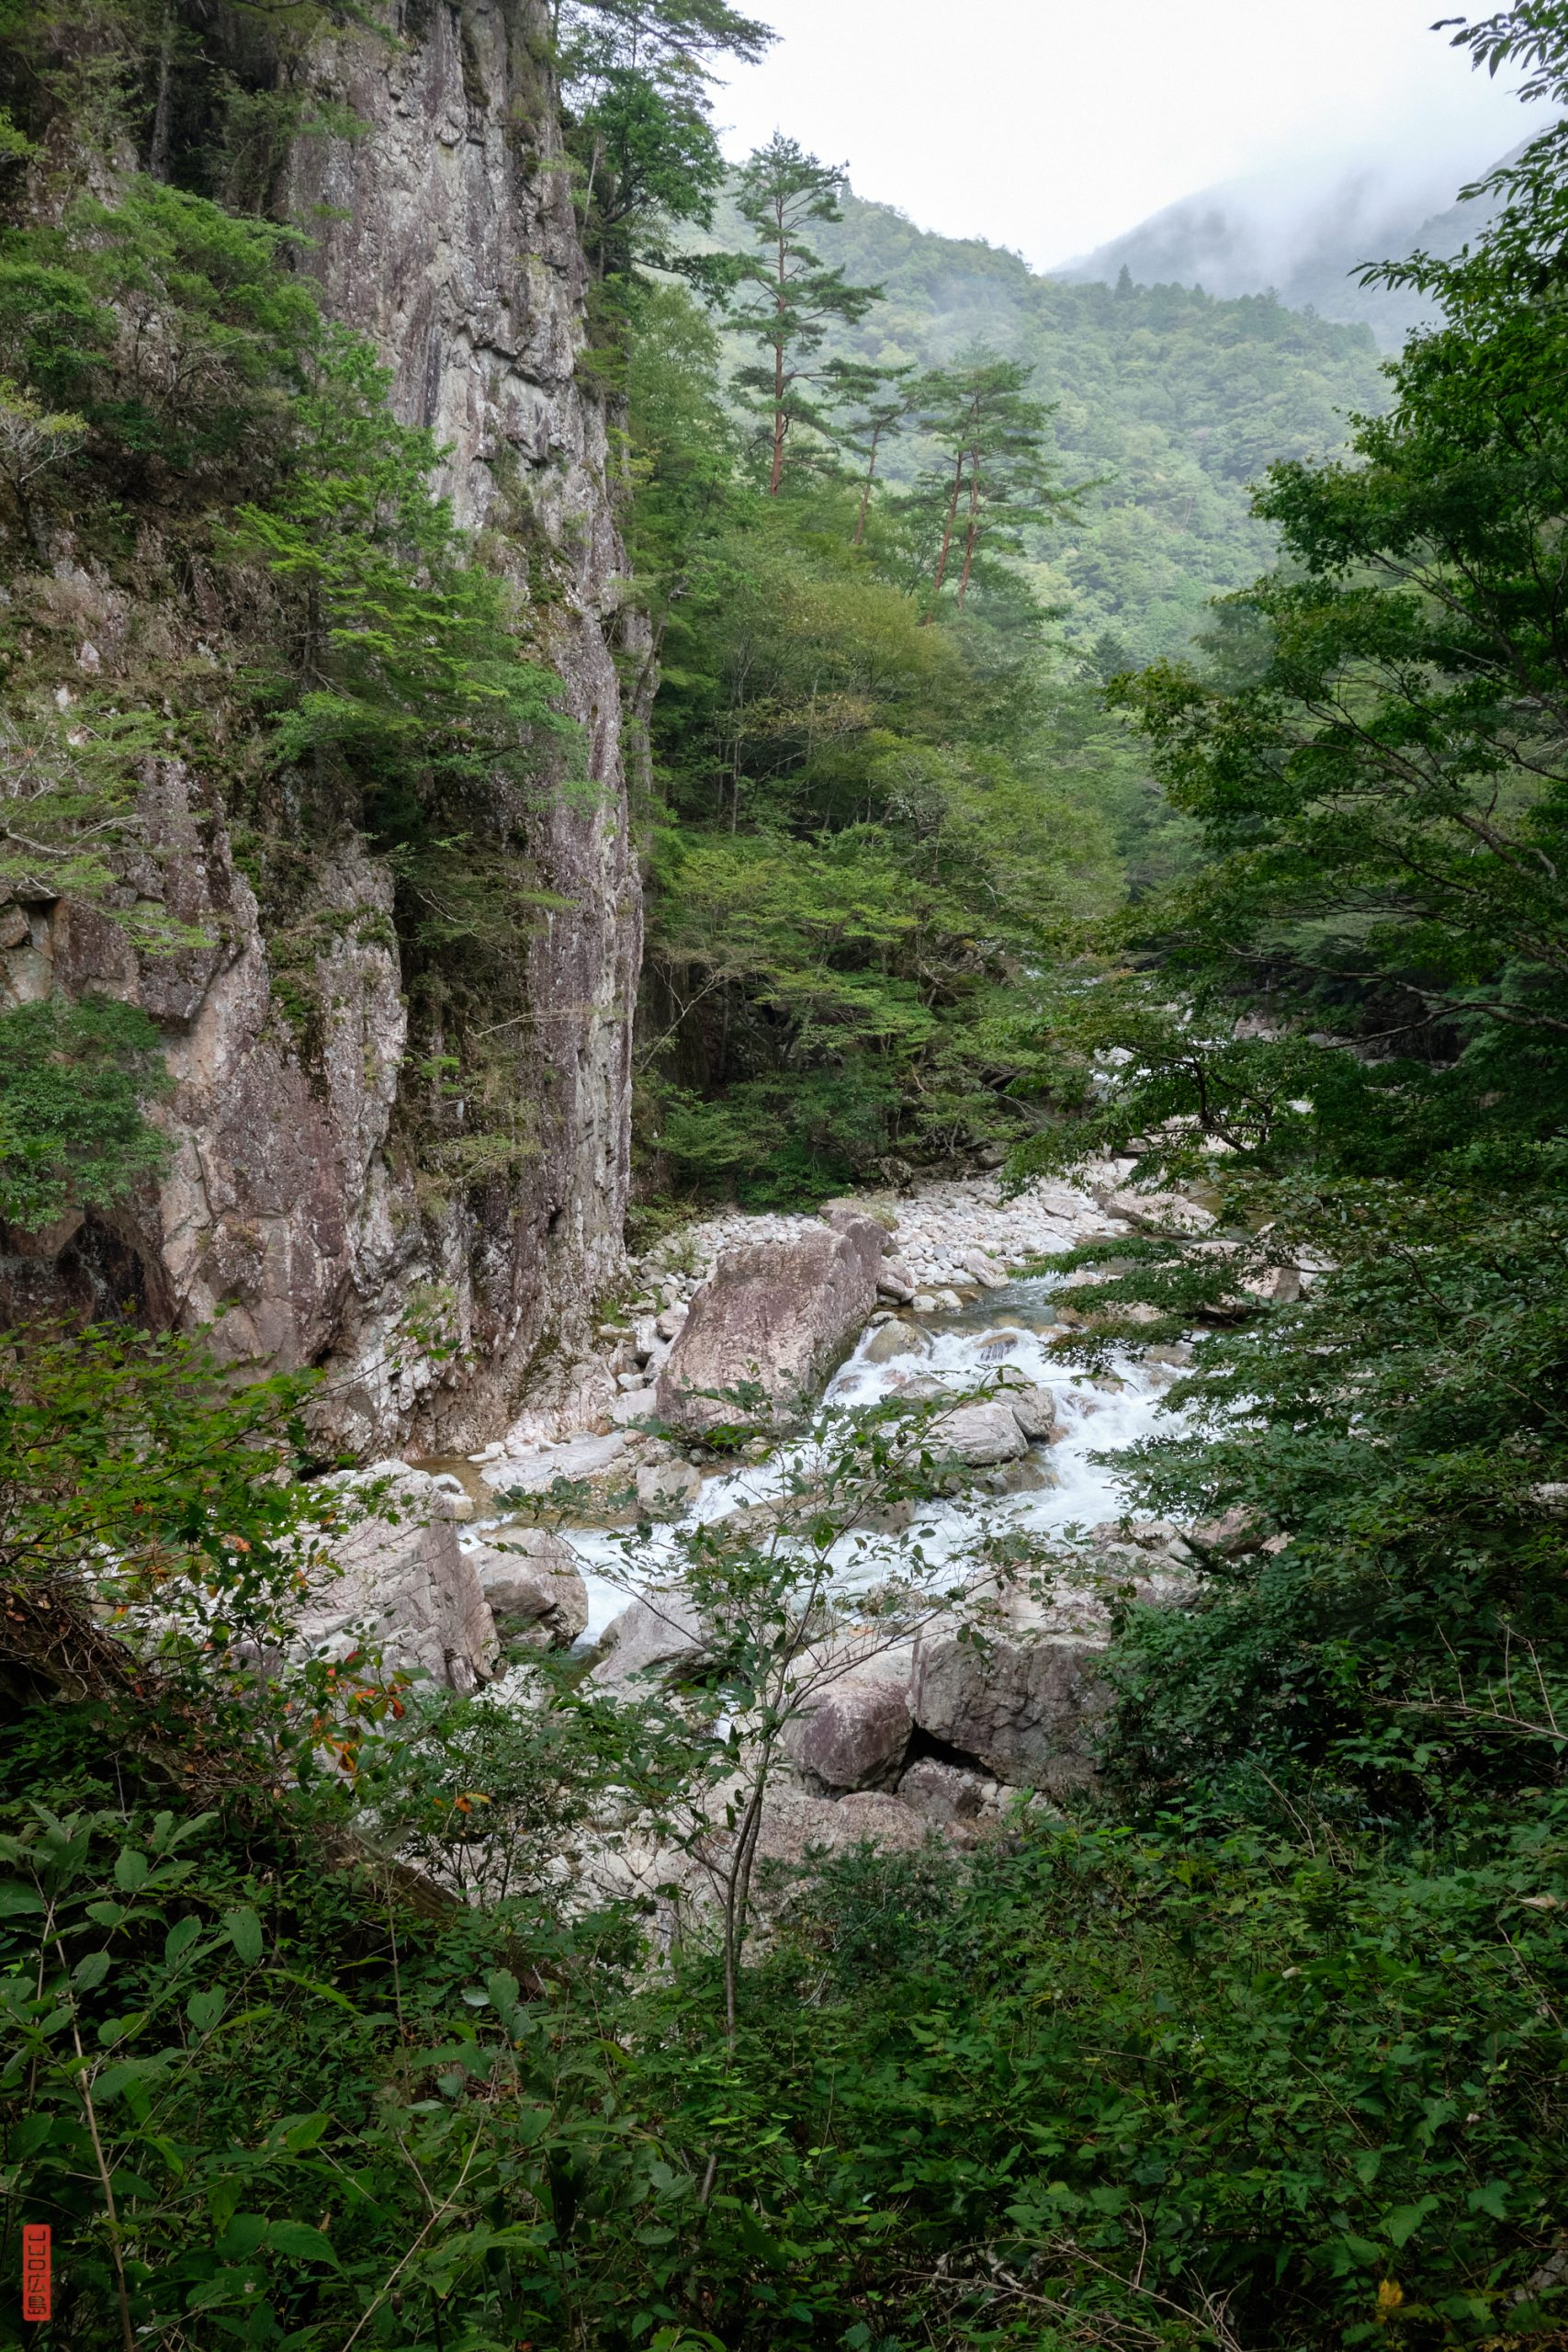 Randonnée au Japon, Sandankyo, Ishidoi